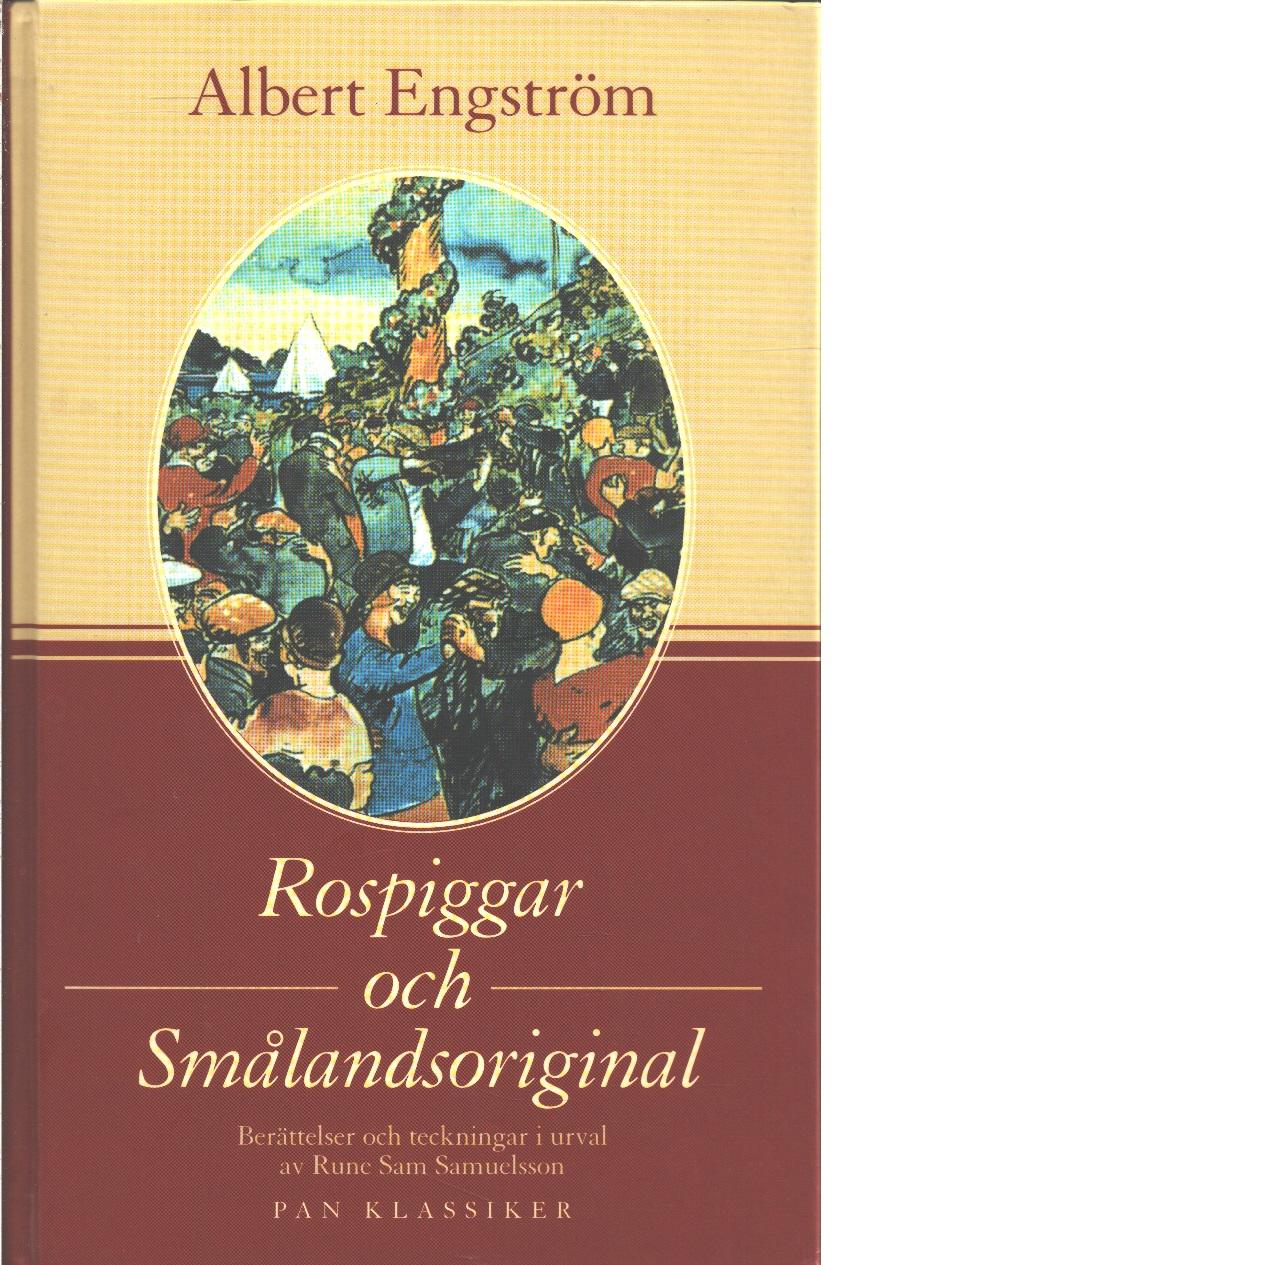 Rospiggar och Smålandsoriginal : berättelser och teckningar  - Engström, Albert